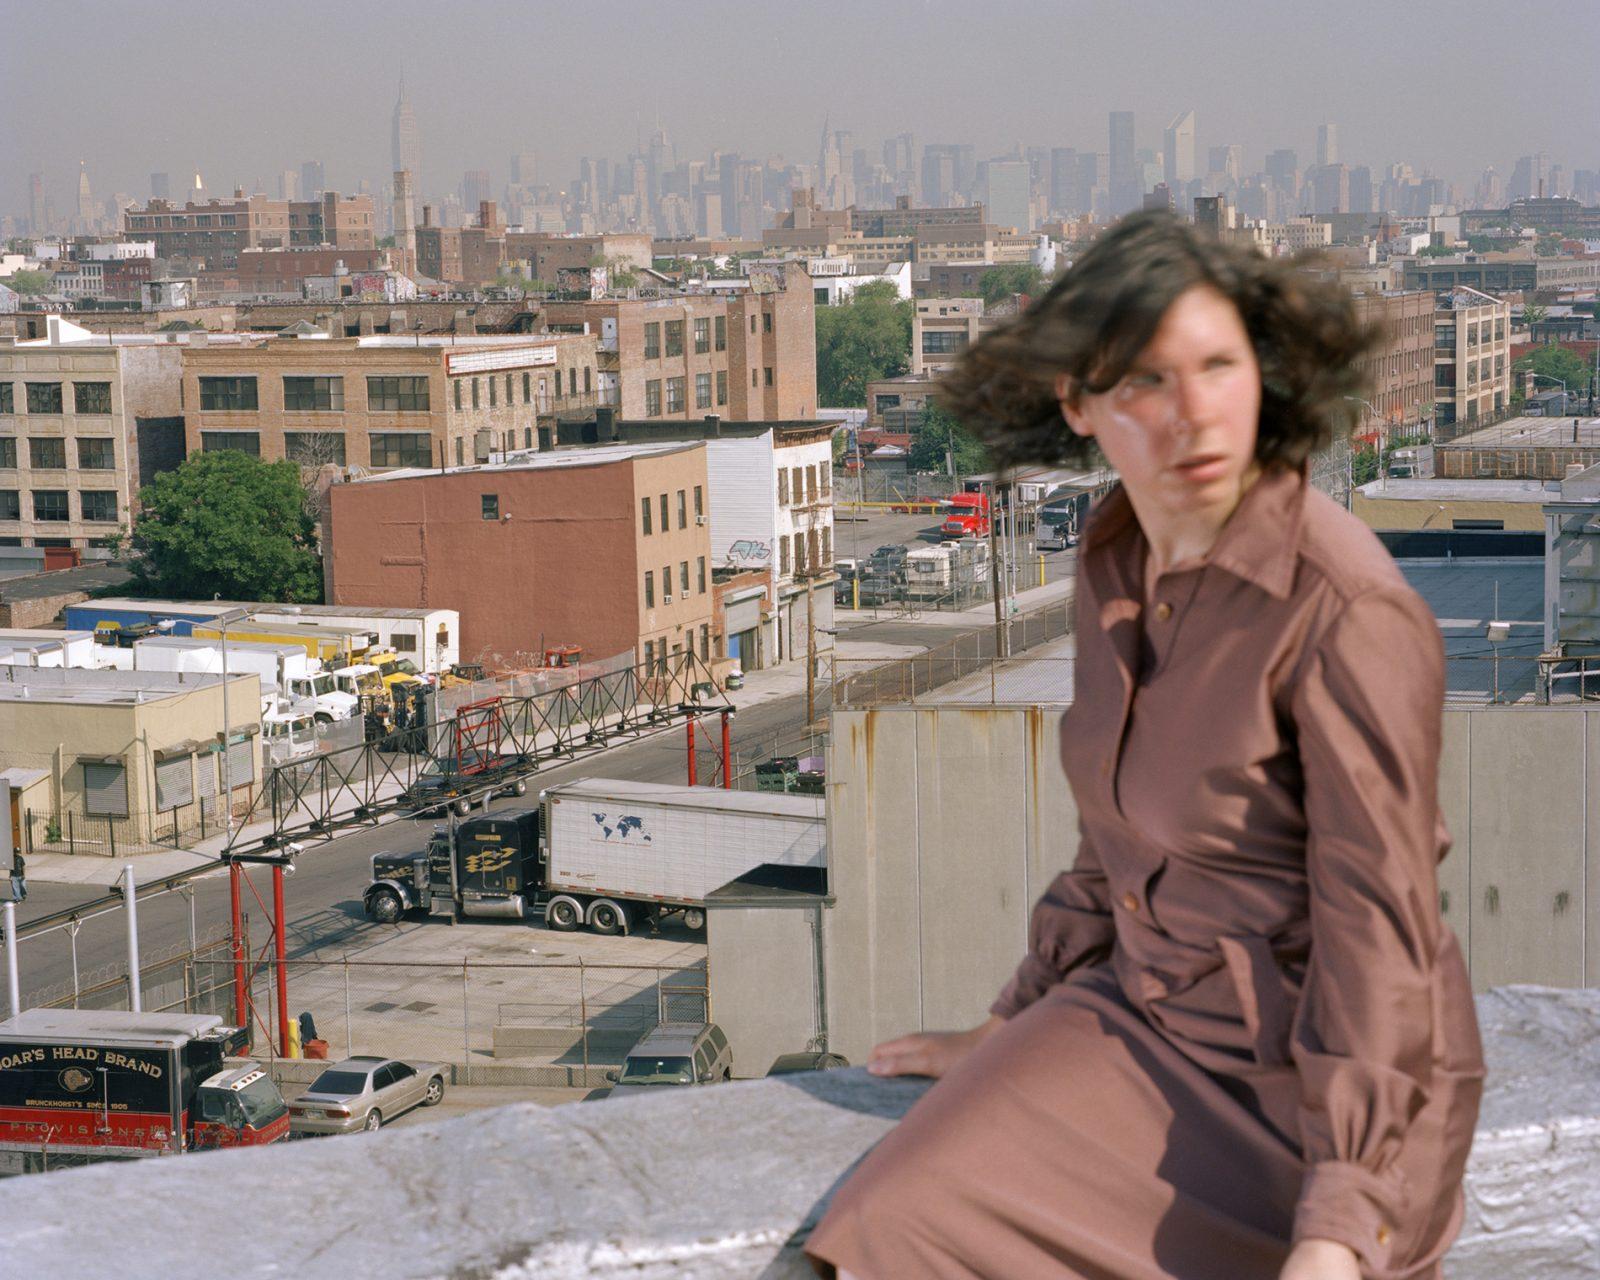 Nebenschauplätze – Gefälle #4. Fotokünstlerin Bettina Cohnen in New York City, USA. Sie liebt die Verwandlung: für ihre künstlerischen Arbeit erfindet sie sich immer wieder neu und inszeniert sich selbst im Stadtraum, in Interieurs oder in fiktiven Architekturmodellen. Wie eine Schauspielerin auf der Bühne reagiert sie dabei auf den vorgegebenen Raum und untersucht, wie die räumliche Umgebung unseren Handlungsspielraum definiert, unsere Sinne und Emotionen bestimmt.